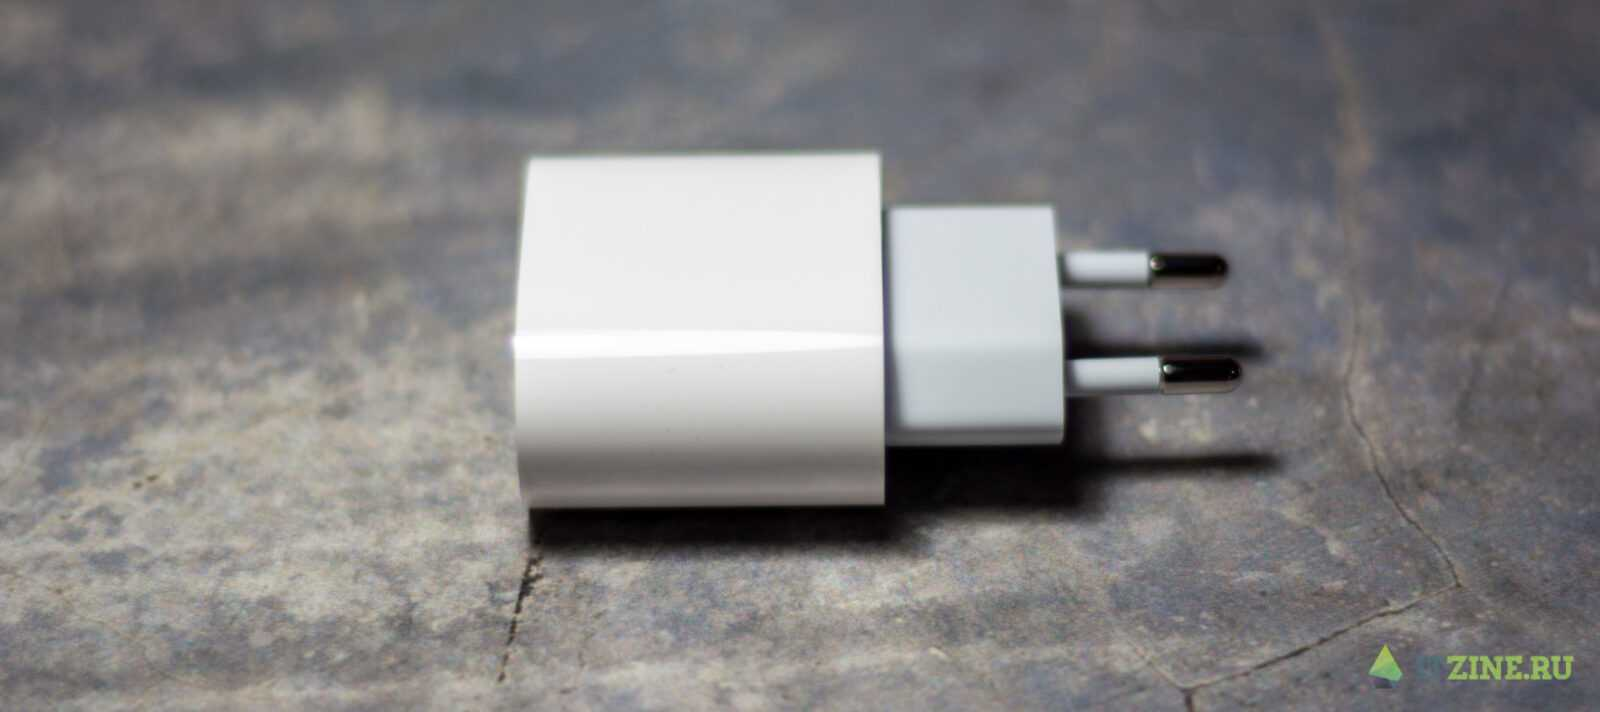 Обзор Apple MagSafe для iPhone 12 (apple magsafe 06)